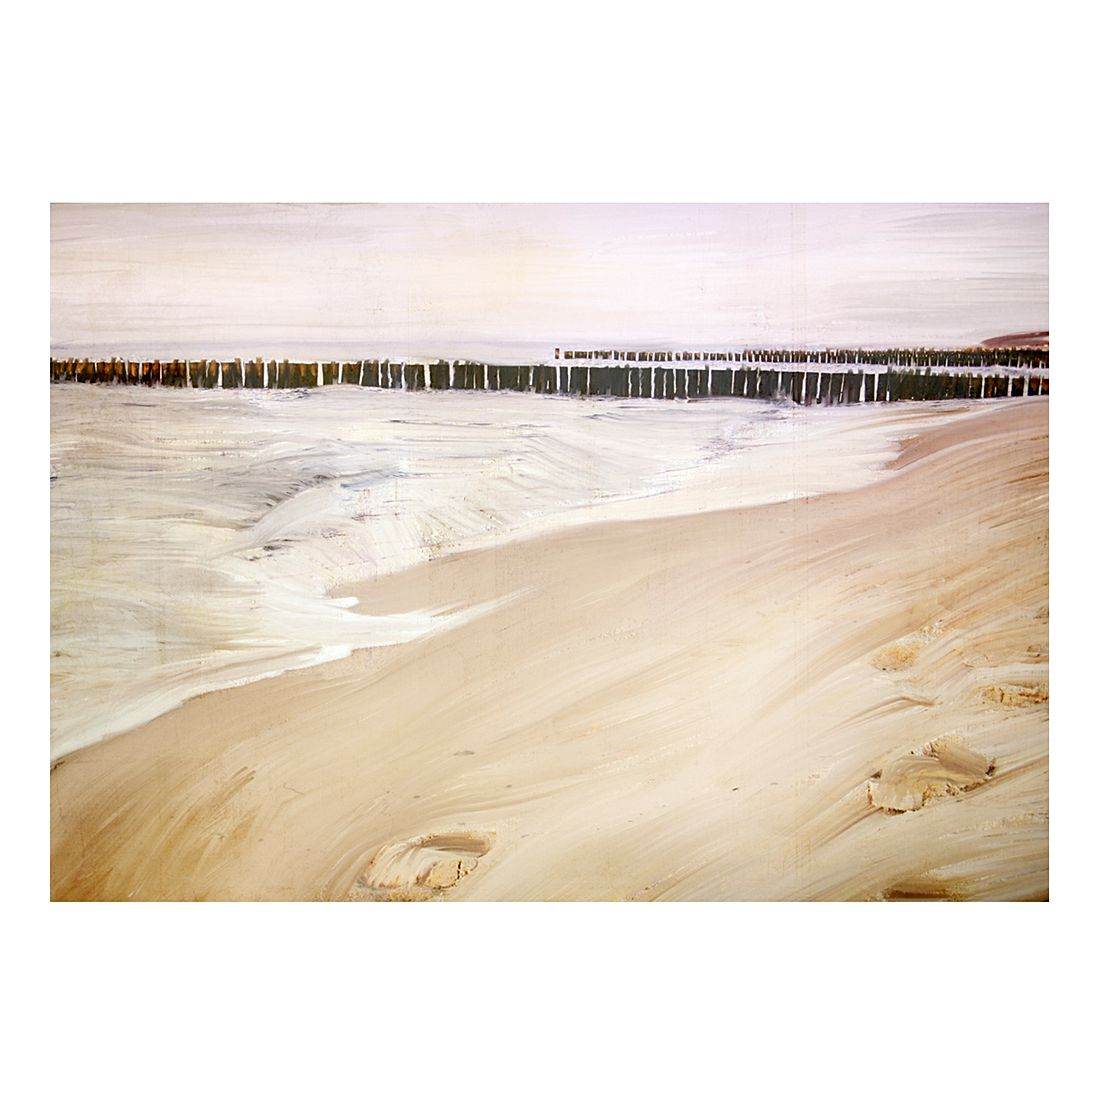 Ölgemälde Remembering the Sea von Friederike Alexander – Größe 30 x 40 cm, yourPainting günstig online kaufen